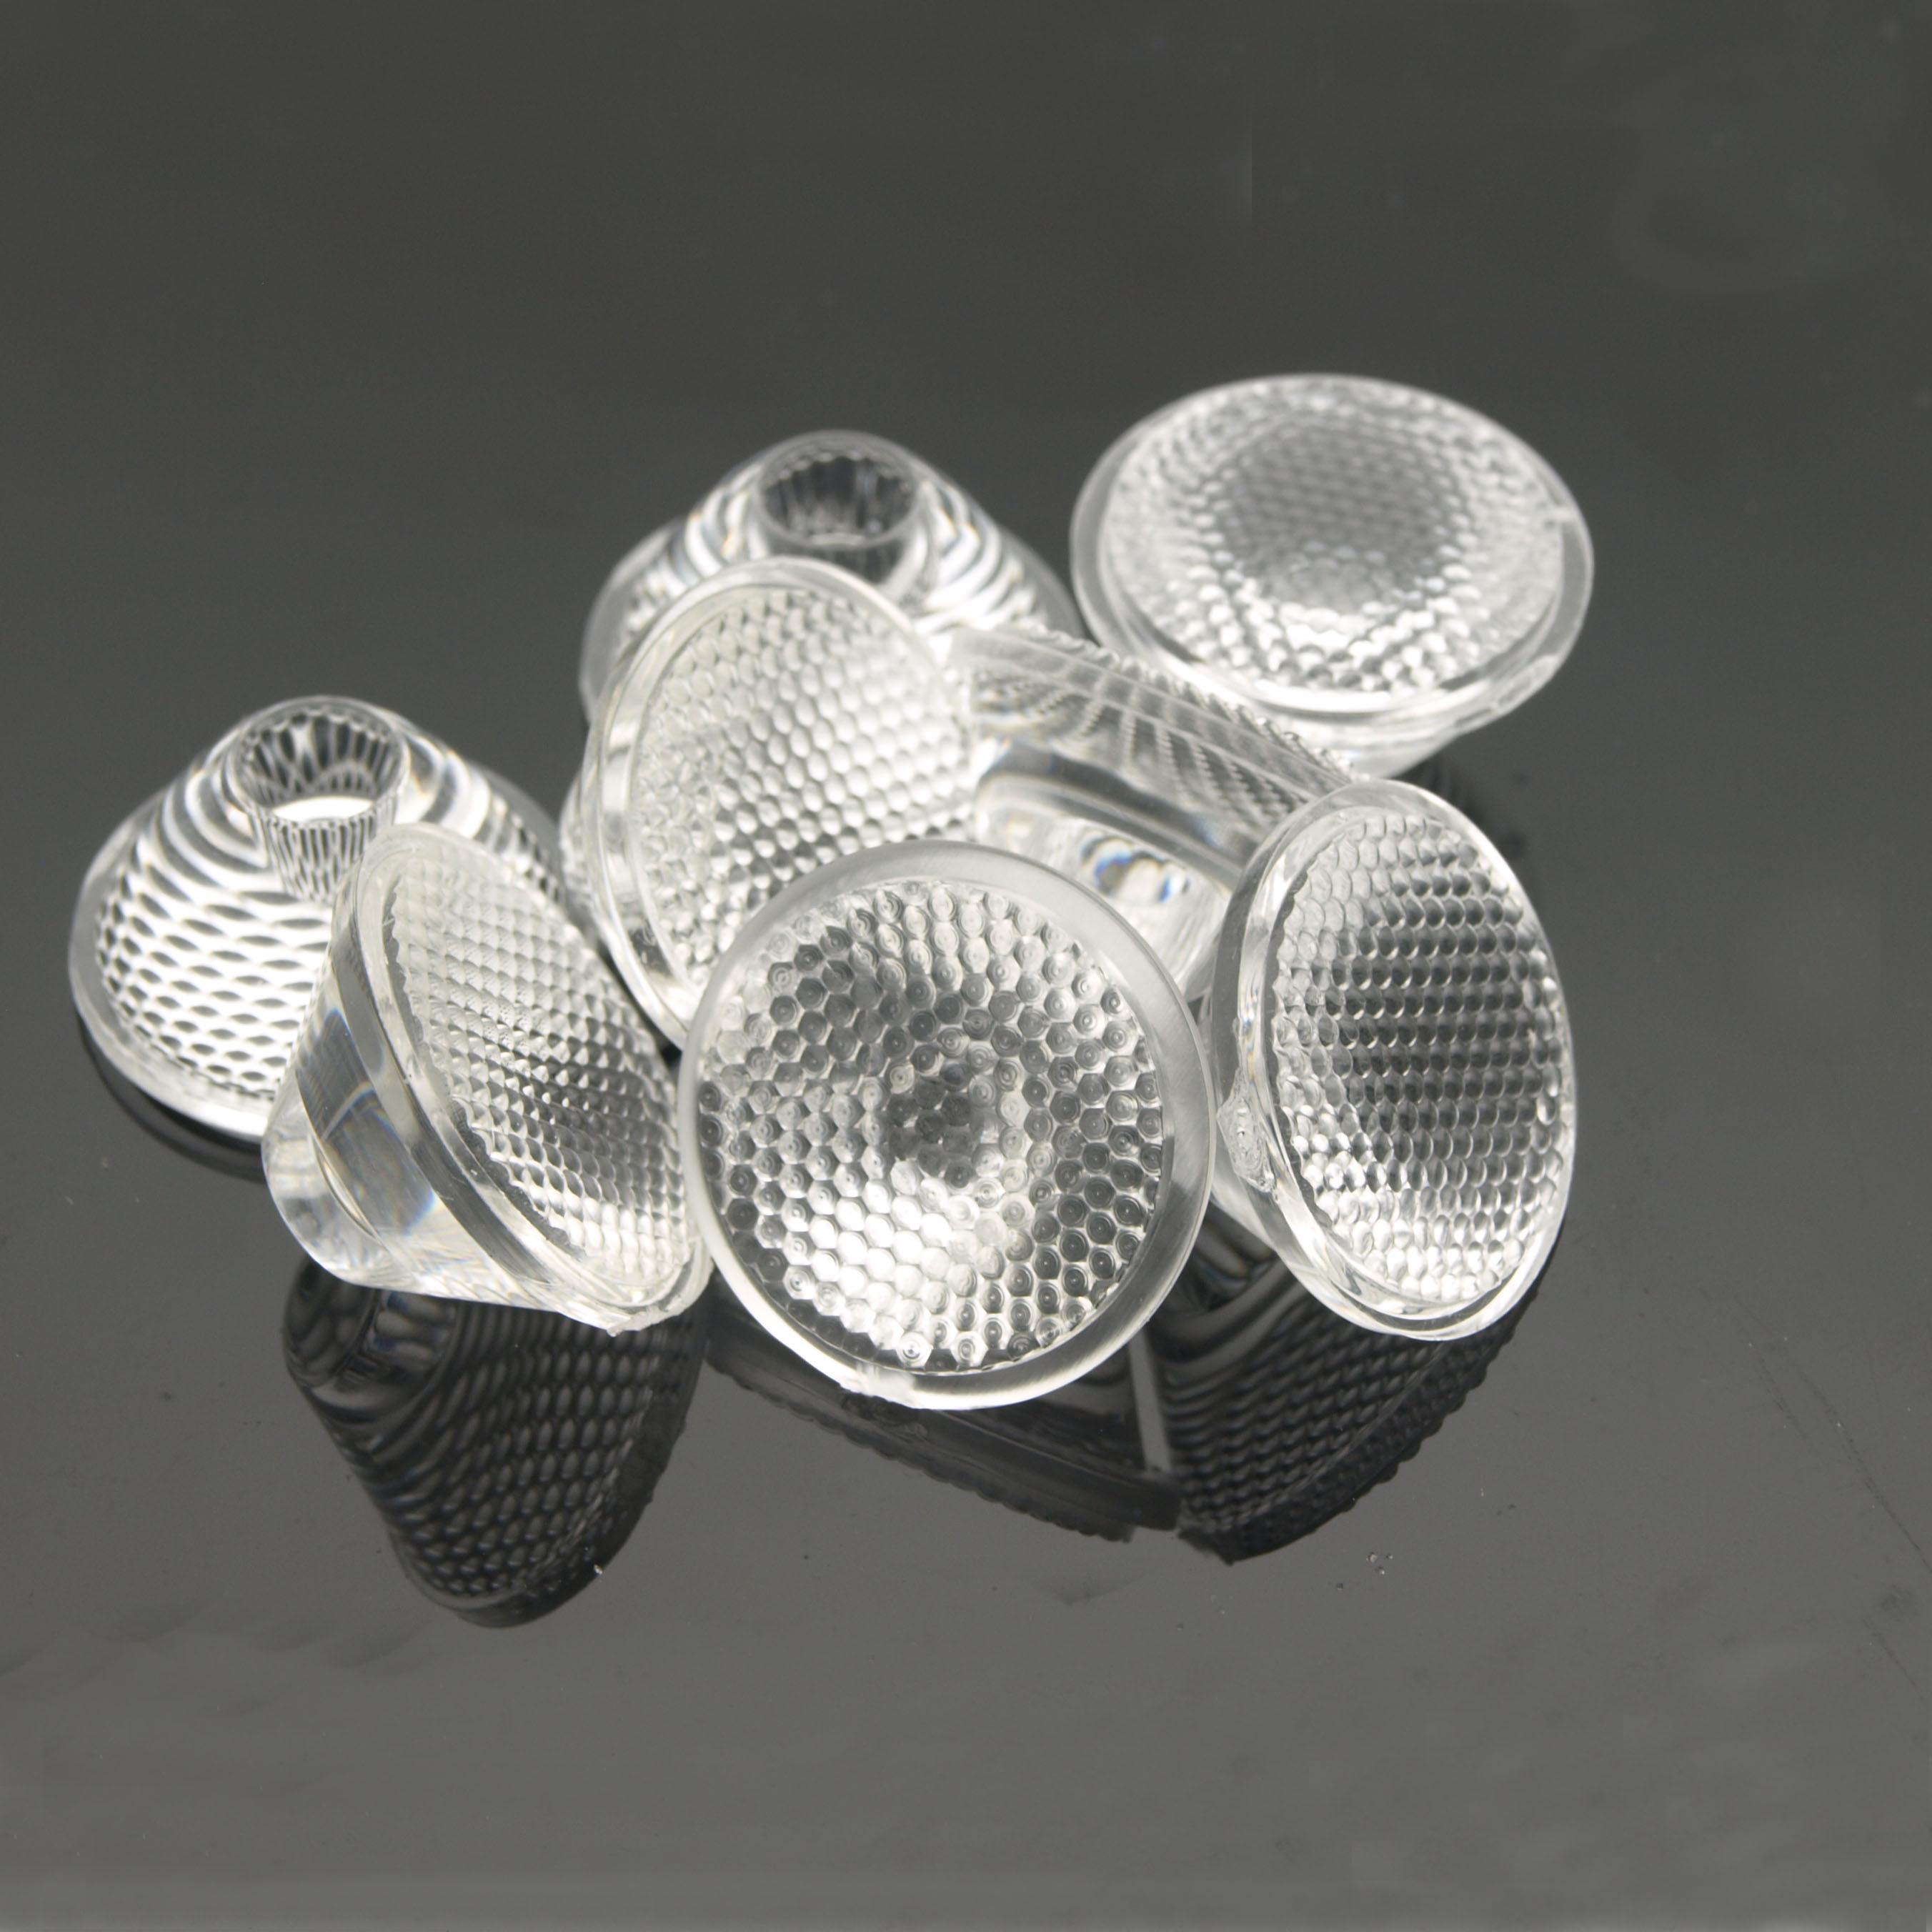 20 мм 5/8/10/25/30/60/90/120 градусов оптический PMMA светодиодный линзы коллиматор отражатель для 1 Вт, 3 Вт, 5 Вт, светодиодный светильник лампа E27 MR16 GU10